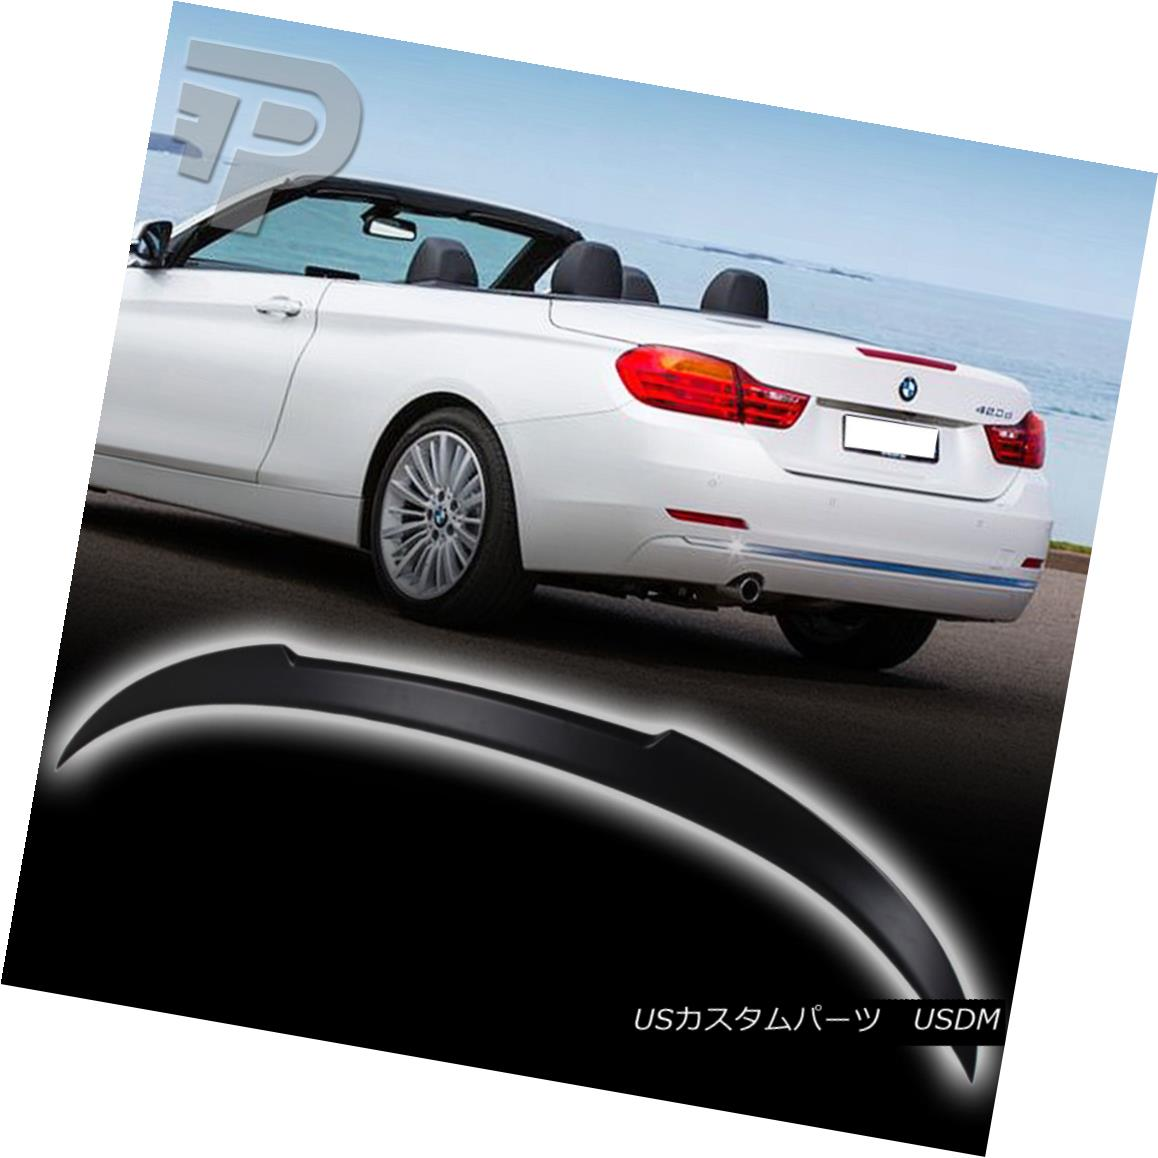 エアロパーツ Unpainted 440i BMW 4-Series F33 Convertible M4 Style Trunk Spoiler Wing 14-17 未塗装の440i BMW 4シリーズF33コンバーチブルM4スタイルトランク・スポイラー・ウィング14-17